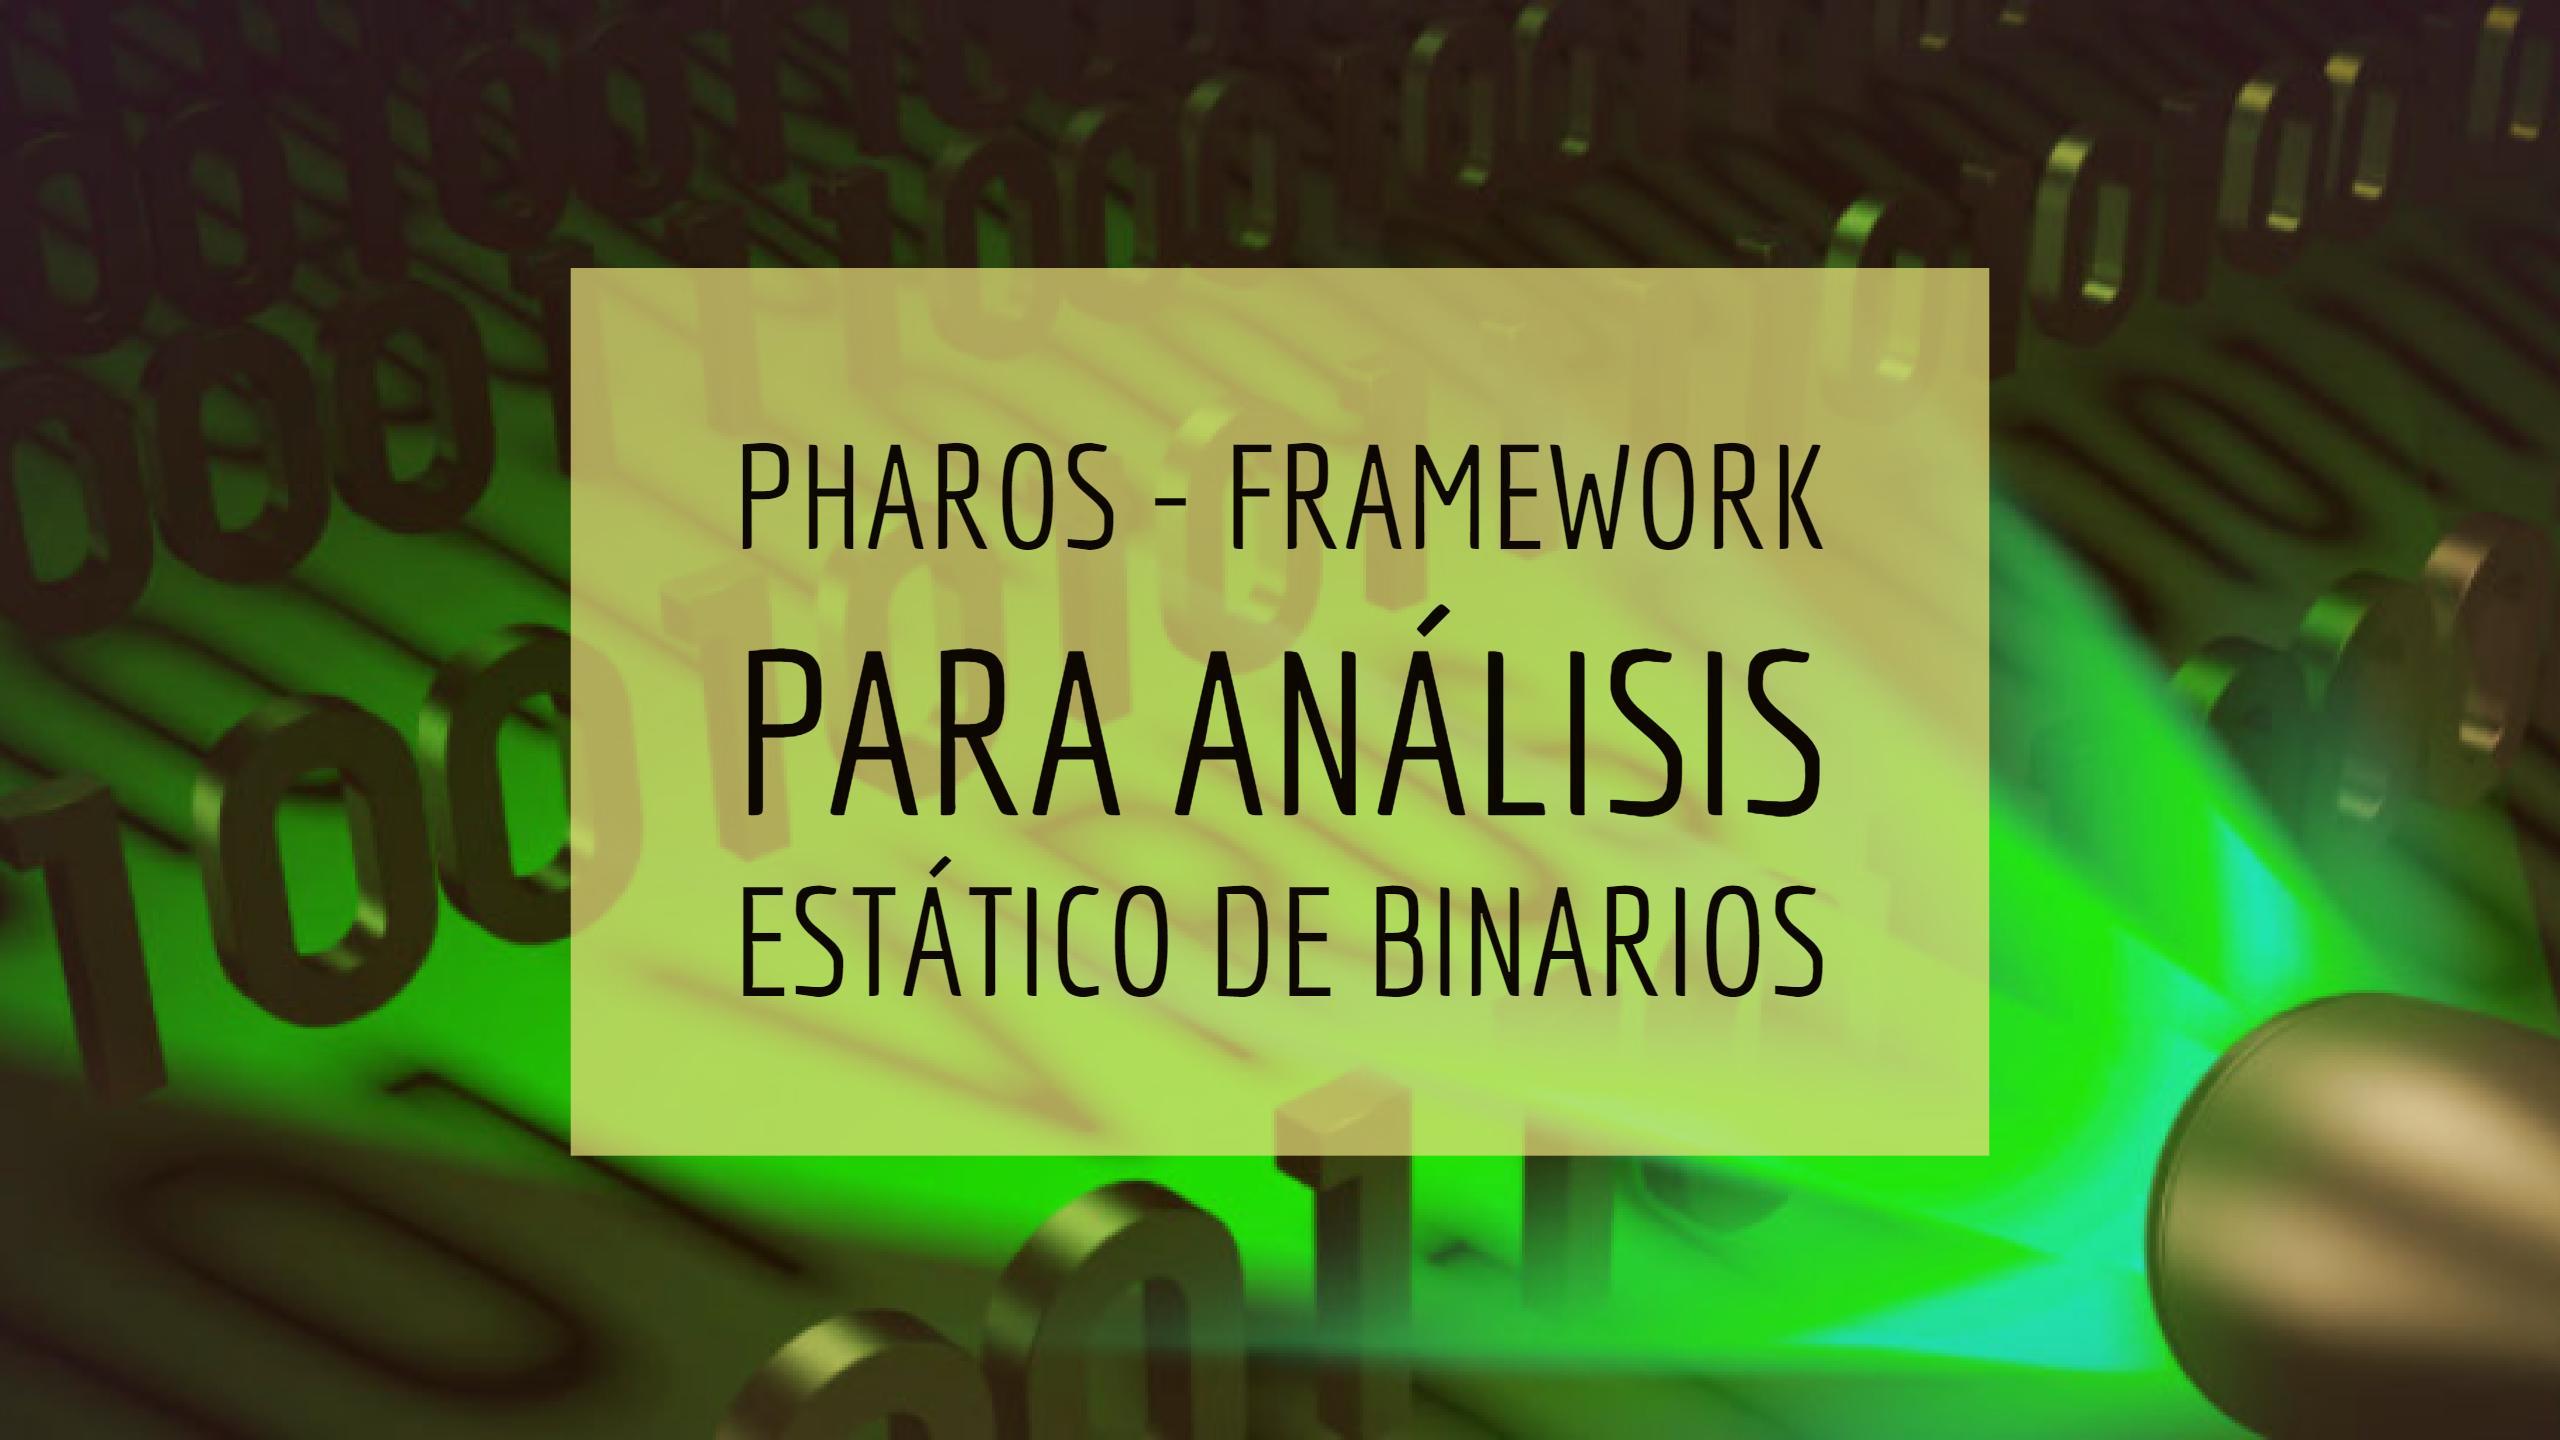 Pharos – Framework para análisis estático de binarios